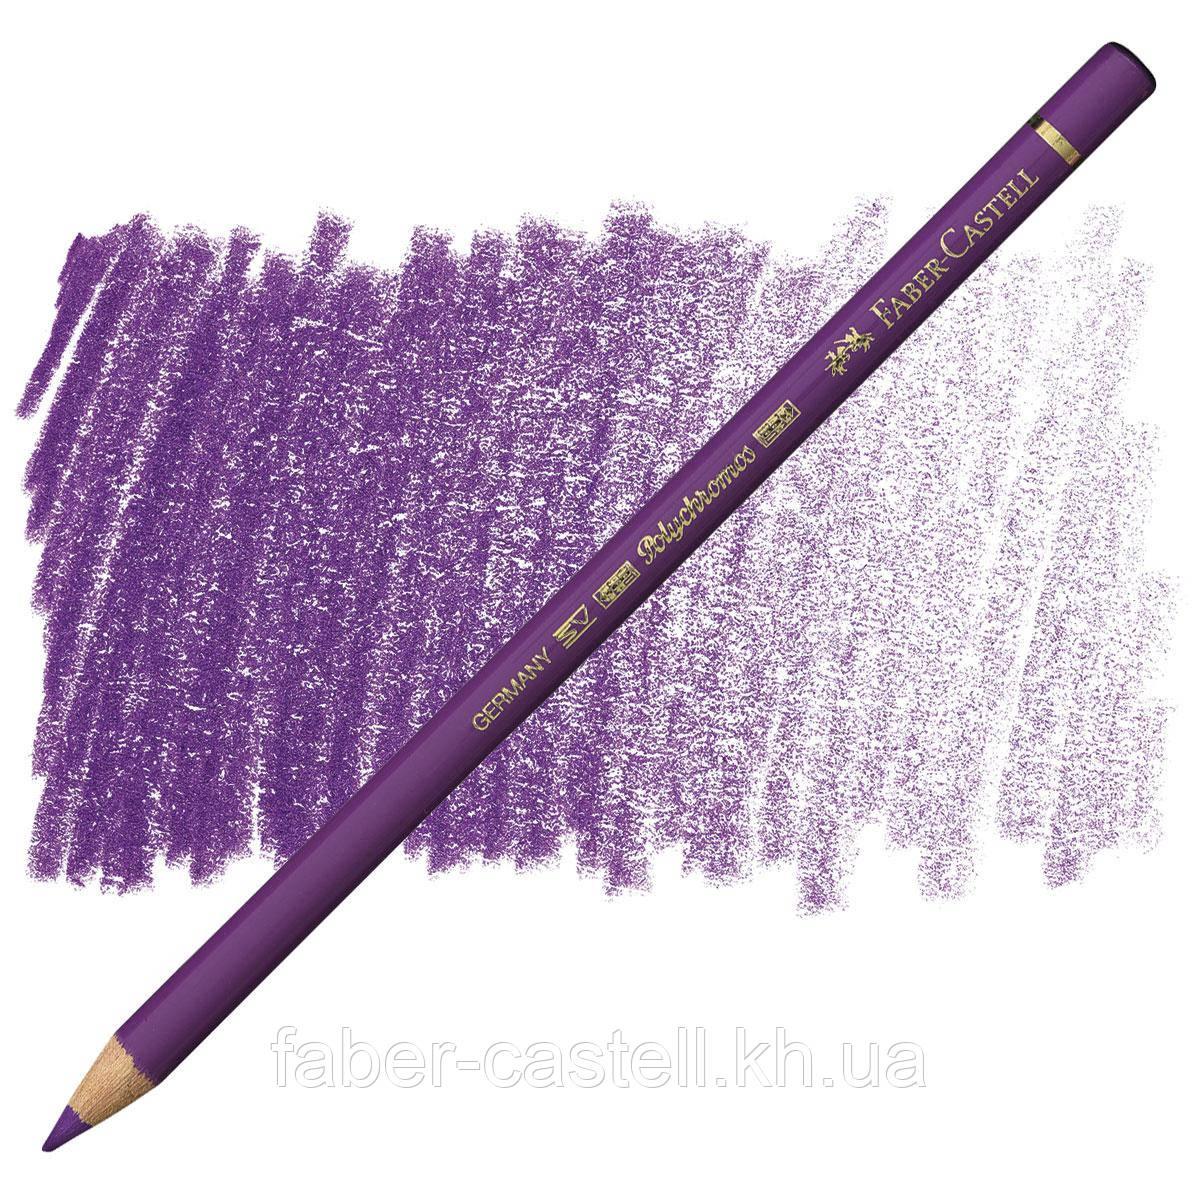 Карандаш цветной Faber-Castell POLYCHROMOS марганцево-фиолетовый №160 (Manganese Violet), 110160